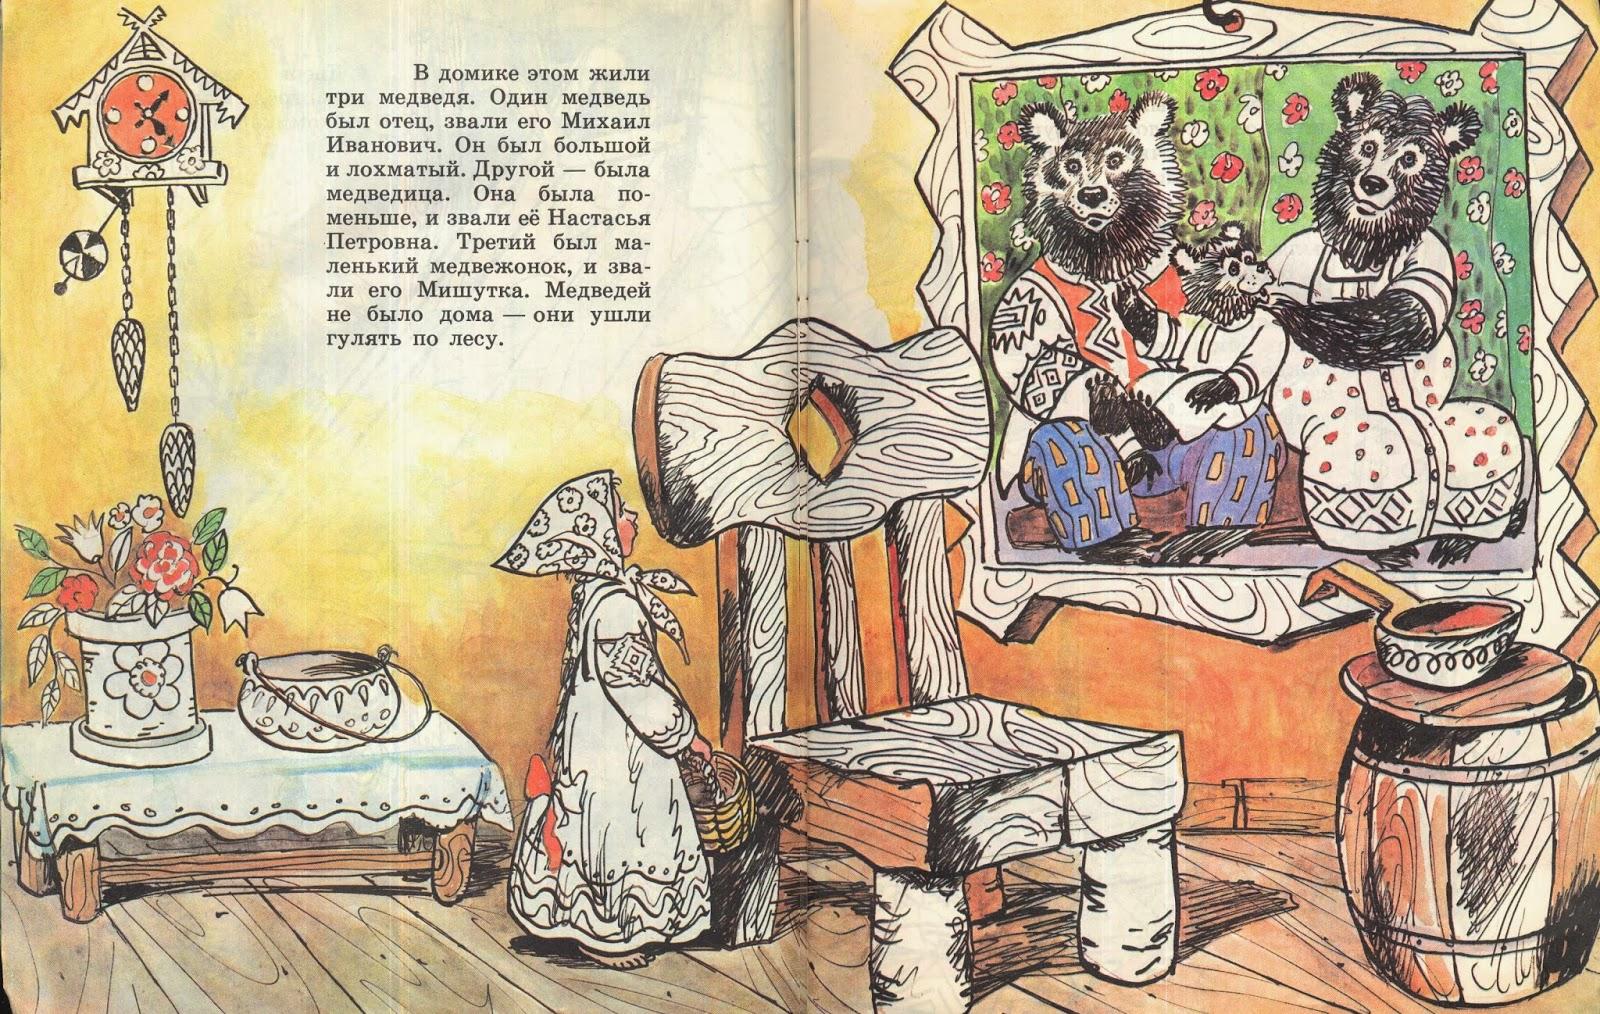 сказка для детей онлайн смотреть: